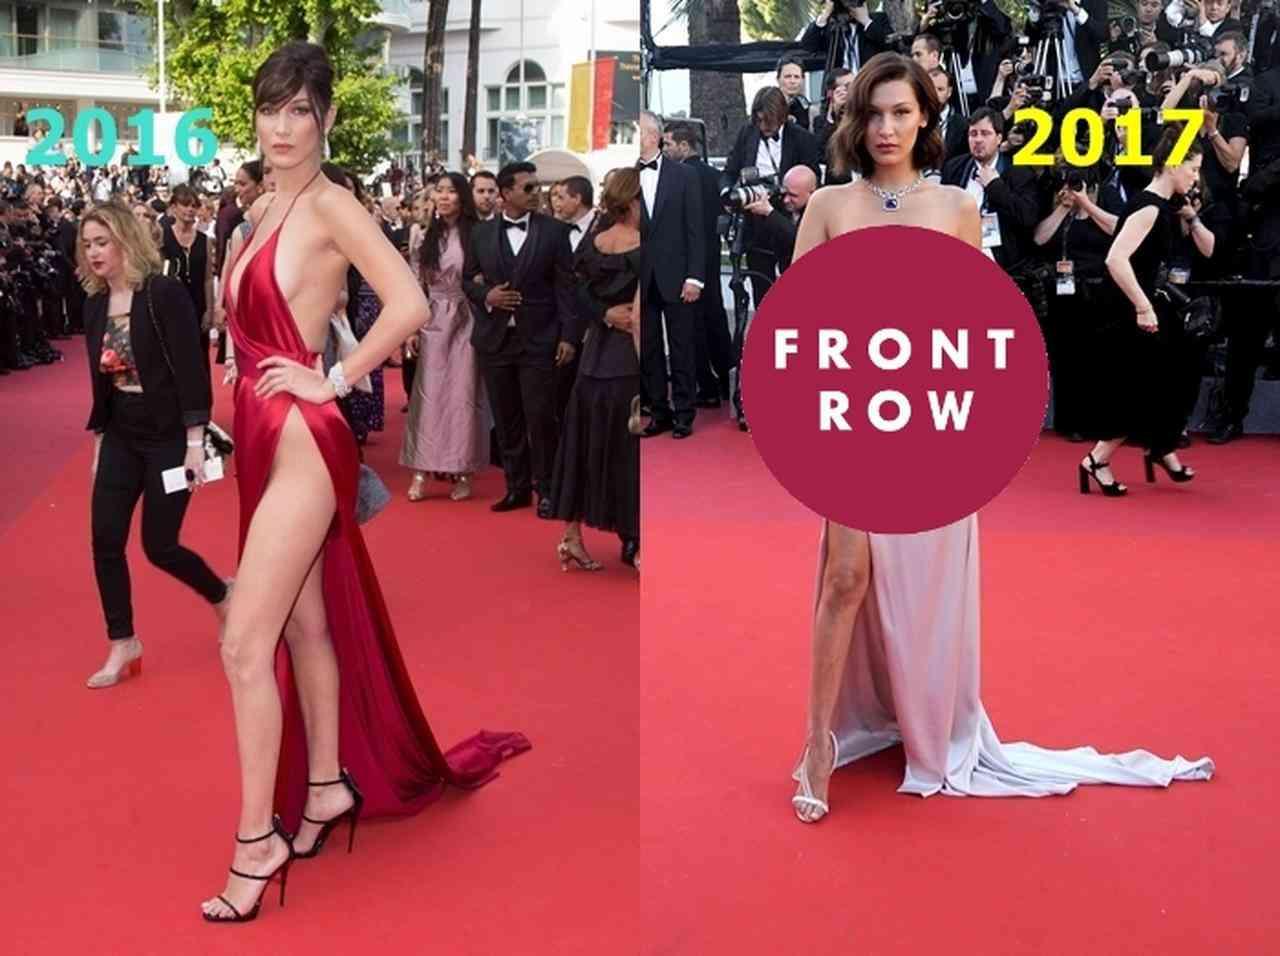 超セクシーなドレス姿のベラ・ハディッドをカンヌ映画祭で激写!途中ハプニングも!? - FRONTROW